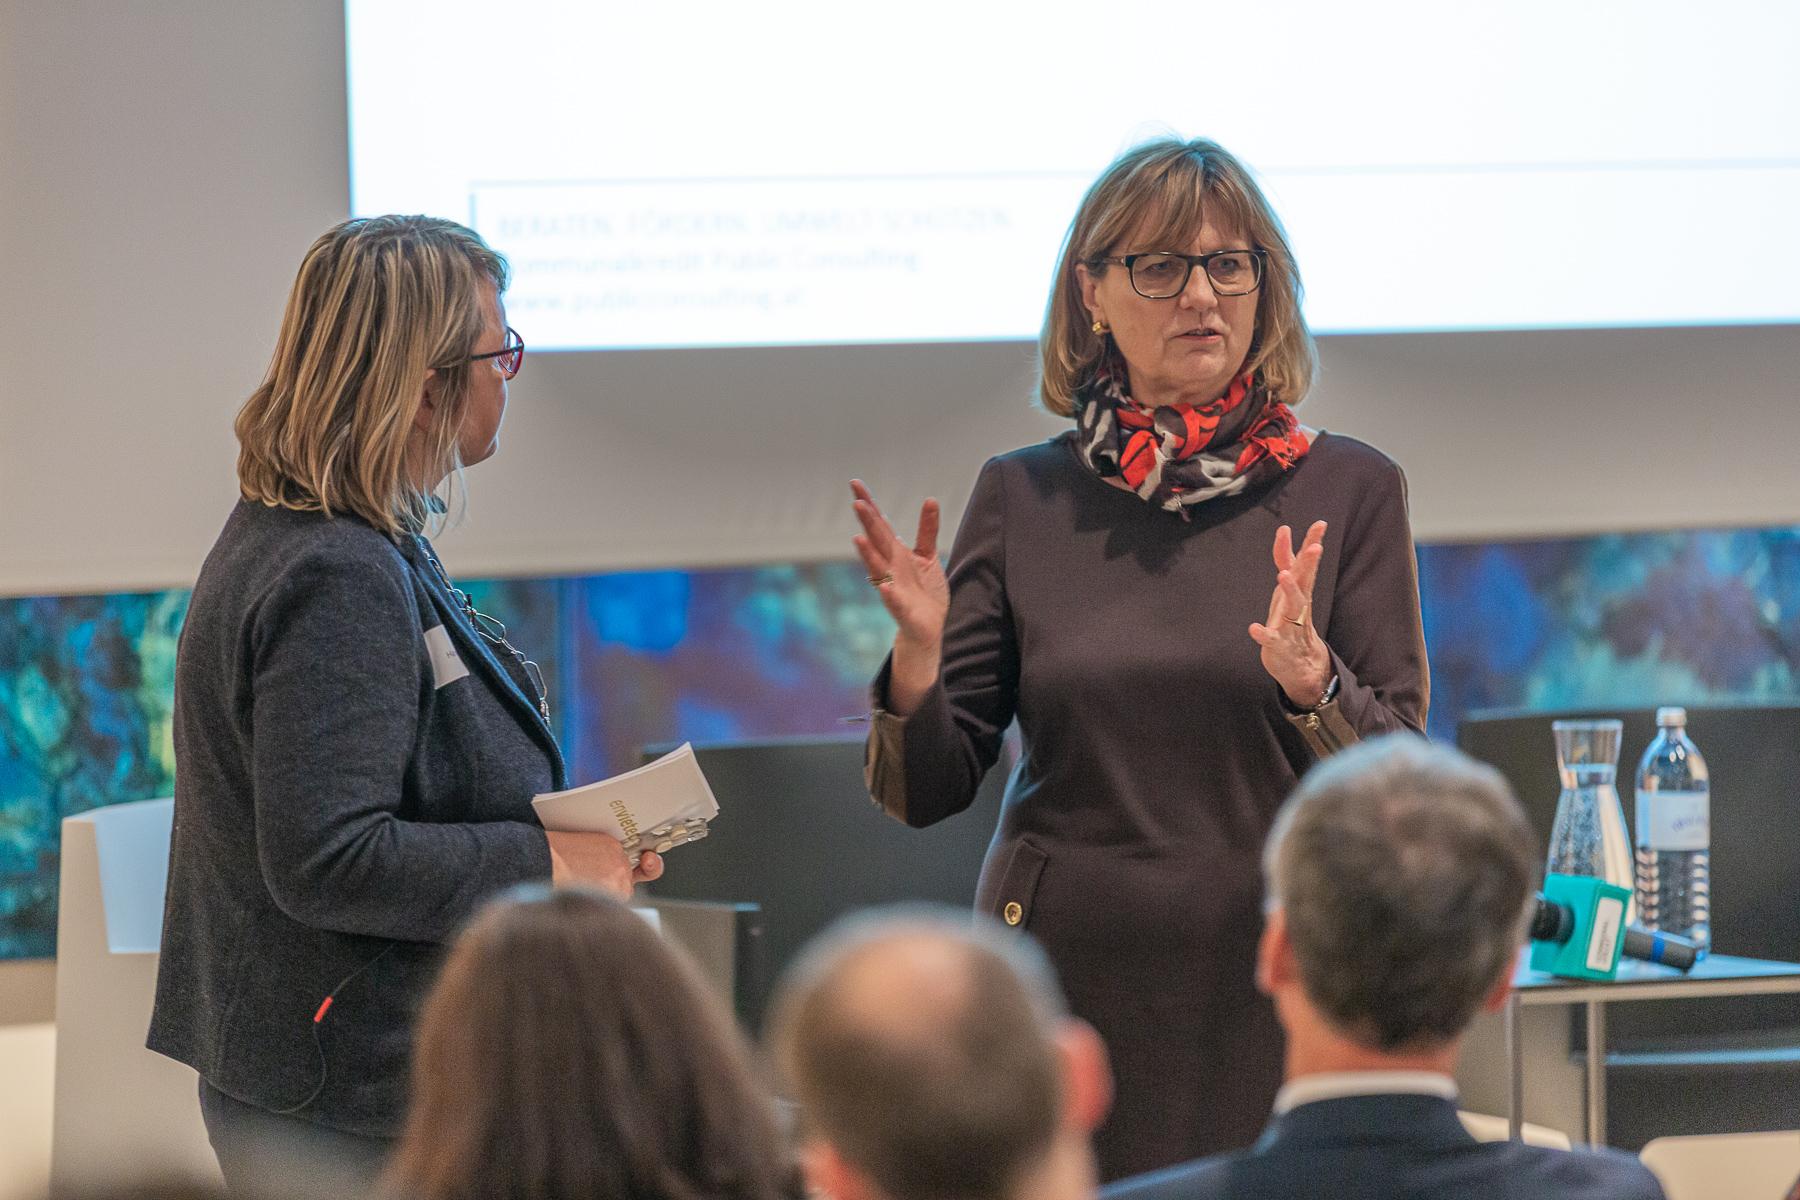 envietech 2019 - FBM Maria Patek im Gespräch mit der Moderatorin Bild: KPC/Somer